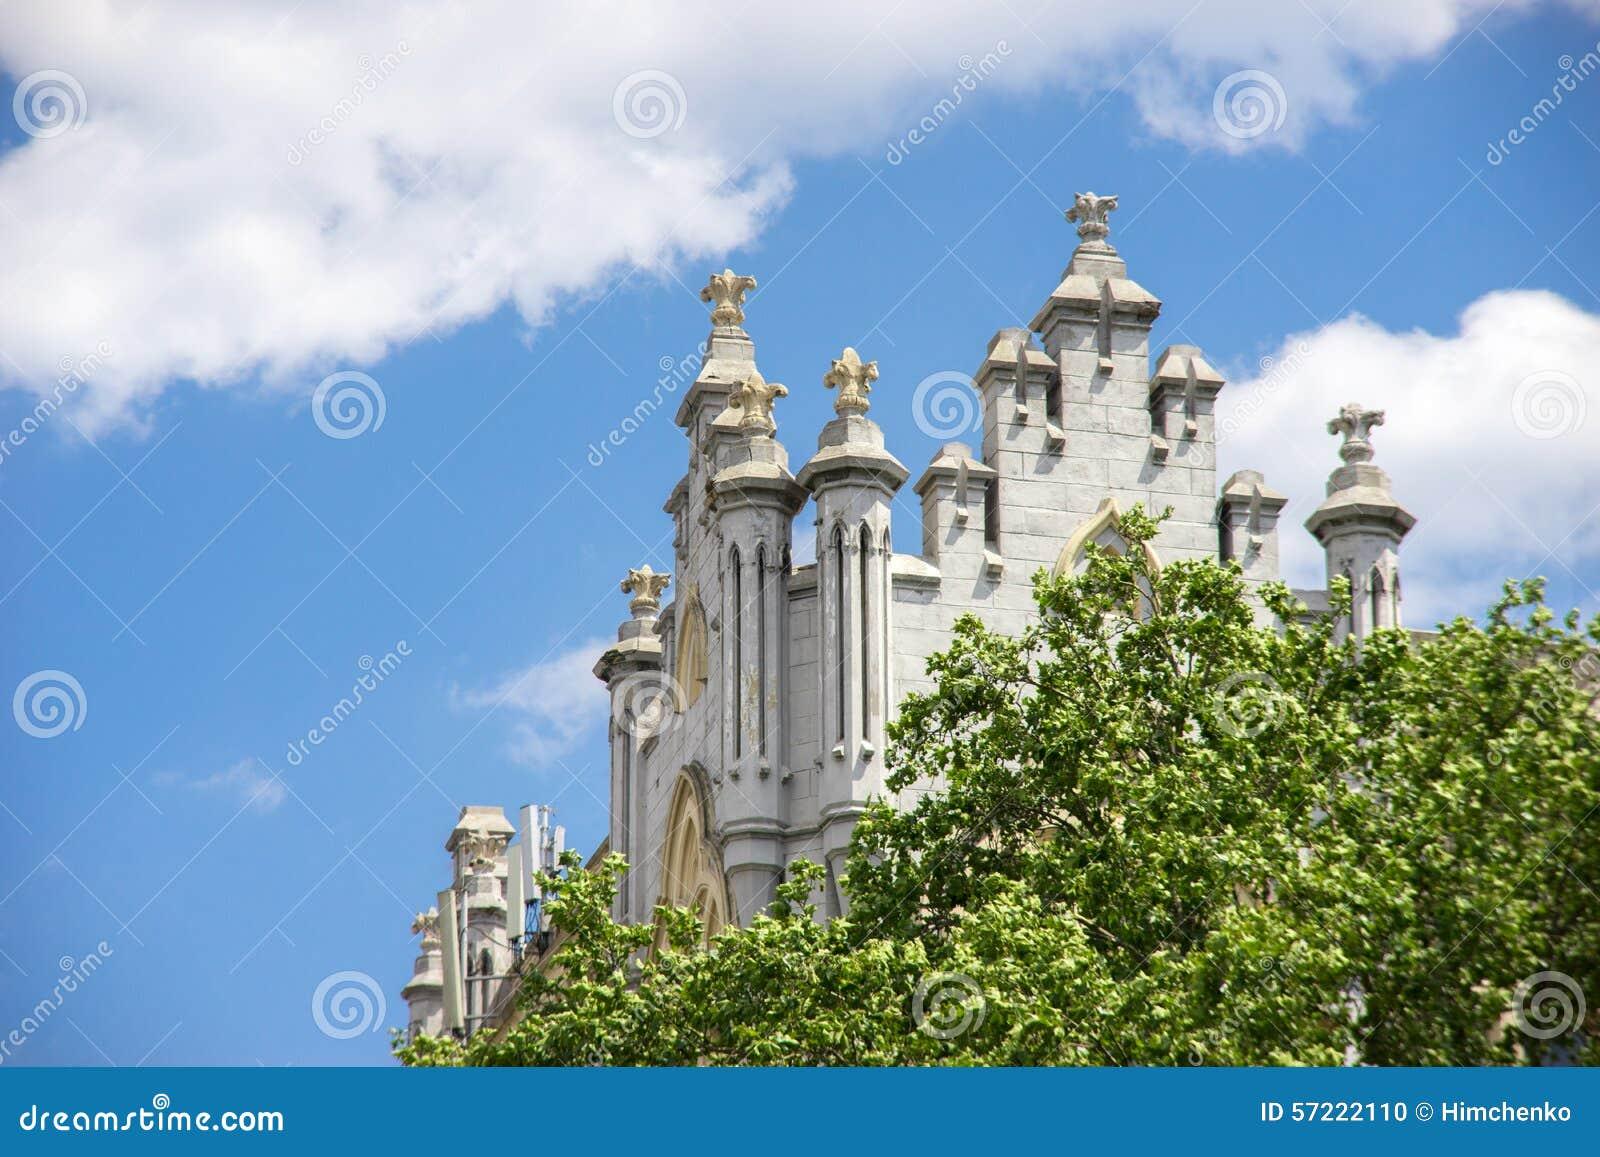 Historic Architecture of Odessa